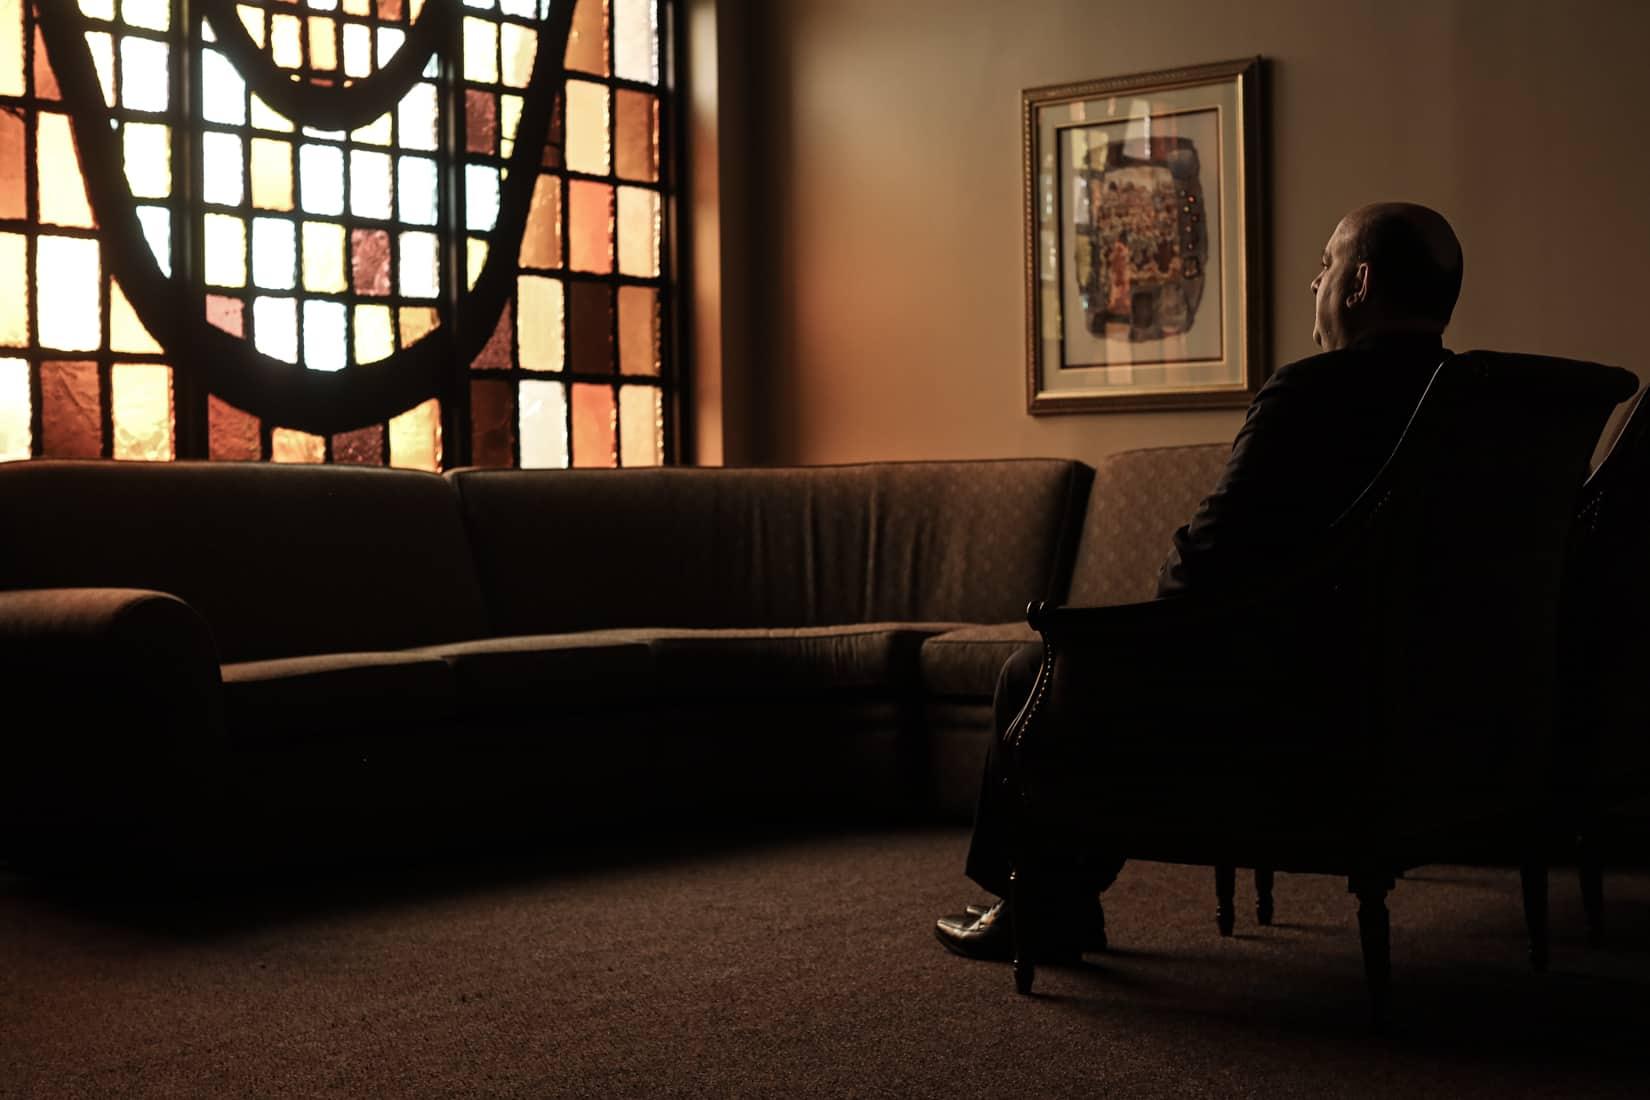 מנהל בית הלוויות גוטרמן, דומיניק קרלה, יושב באחד מחדרי ההמתנה שבו נהגו משפחות להתאבל. וודברי, ניו יורק. מאי, 2020 (צילום: Jonathan Alpeyrie/Polaris Images)